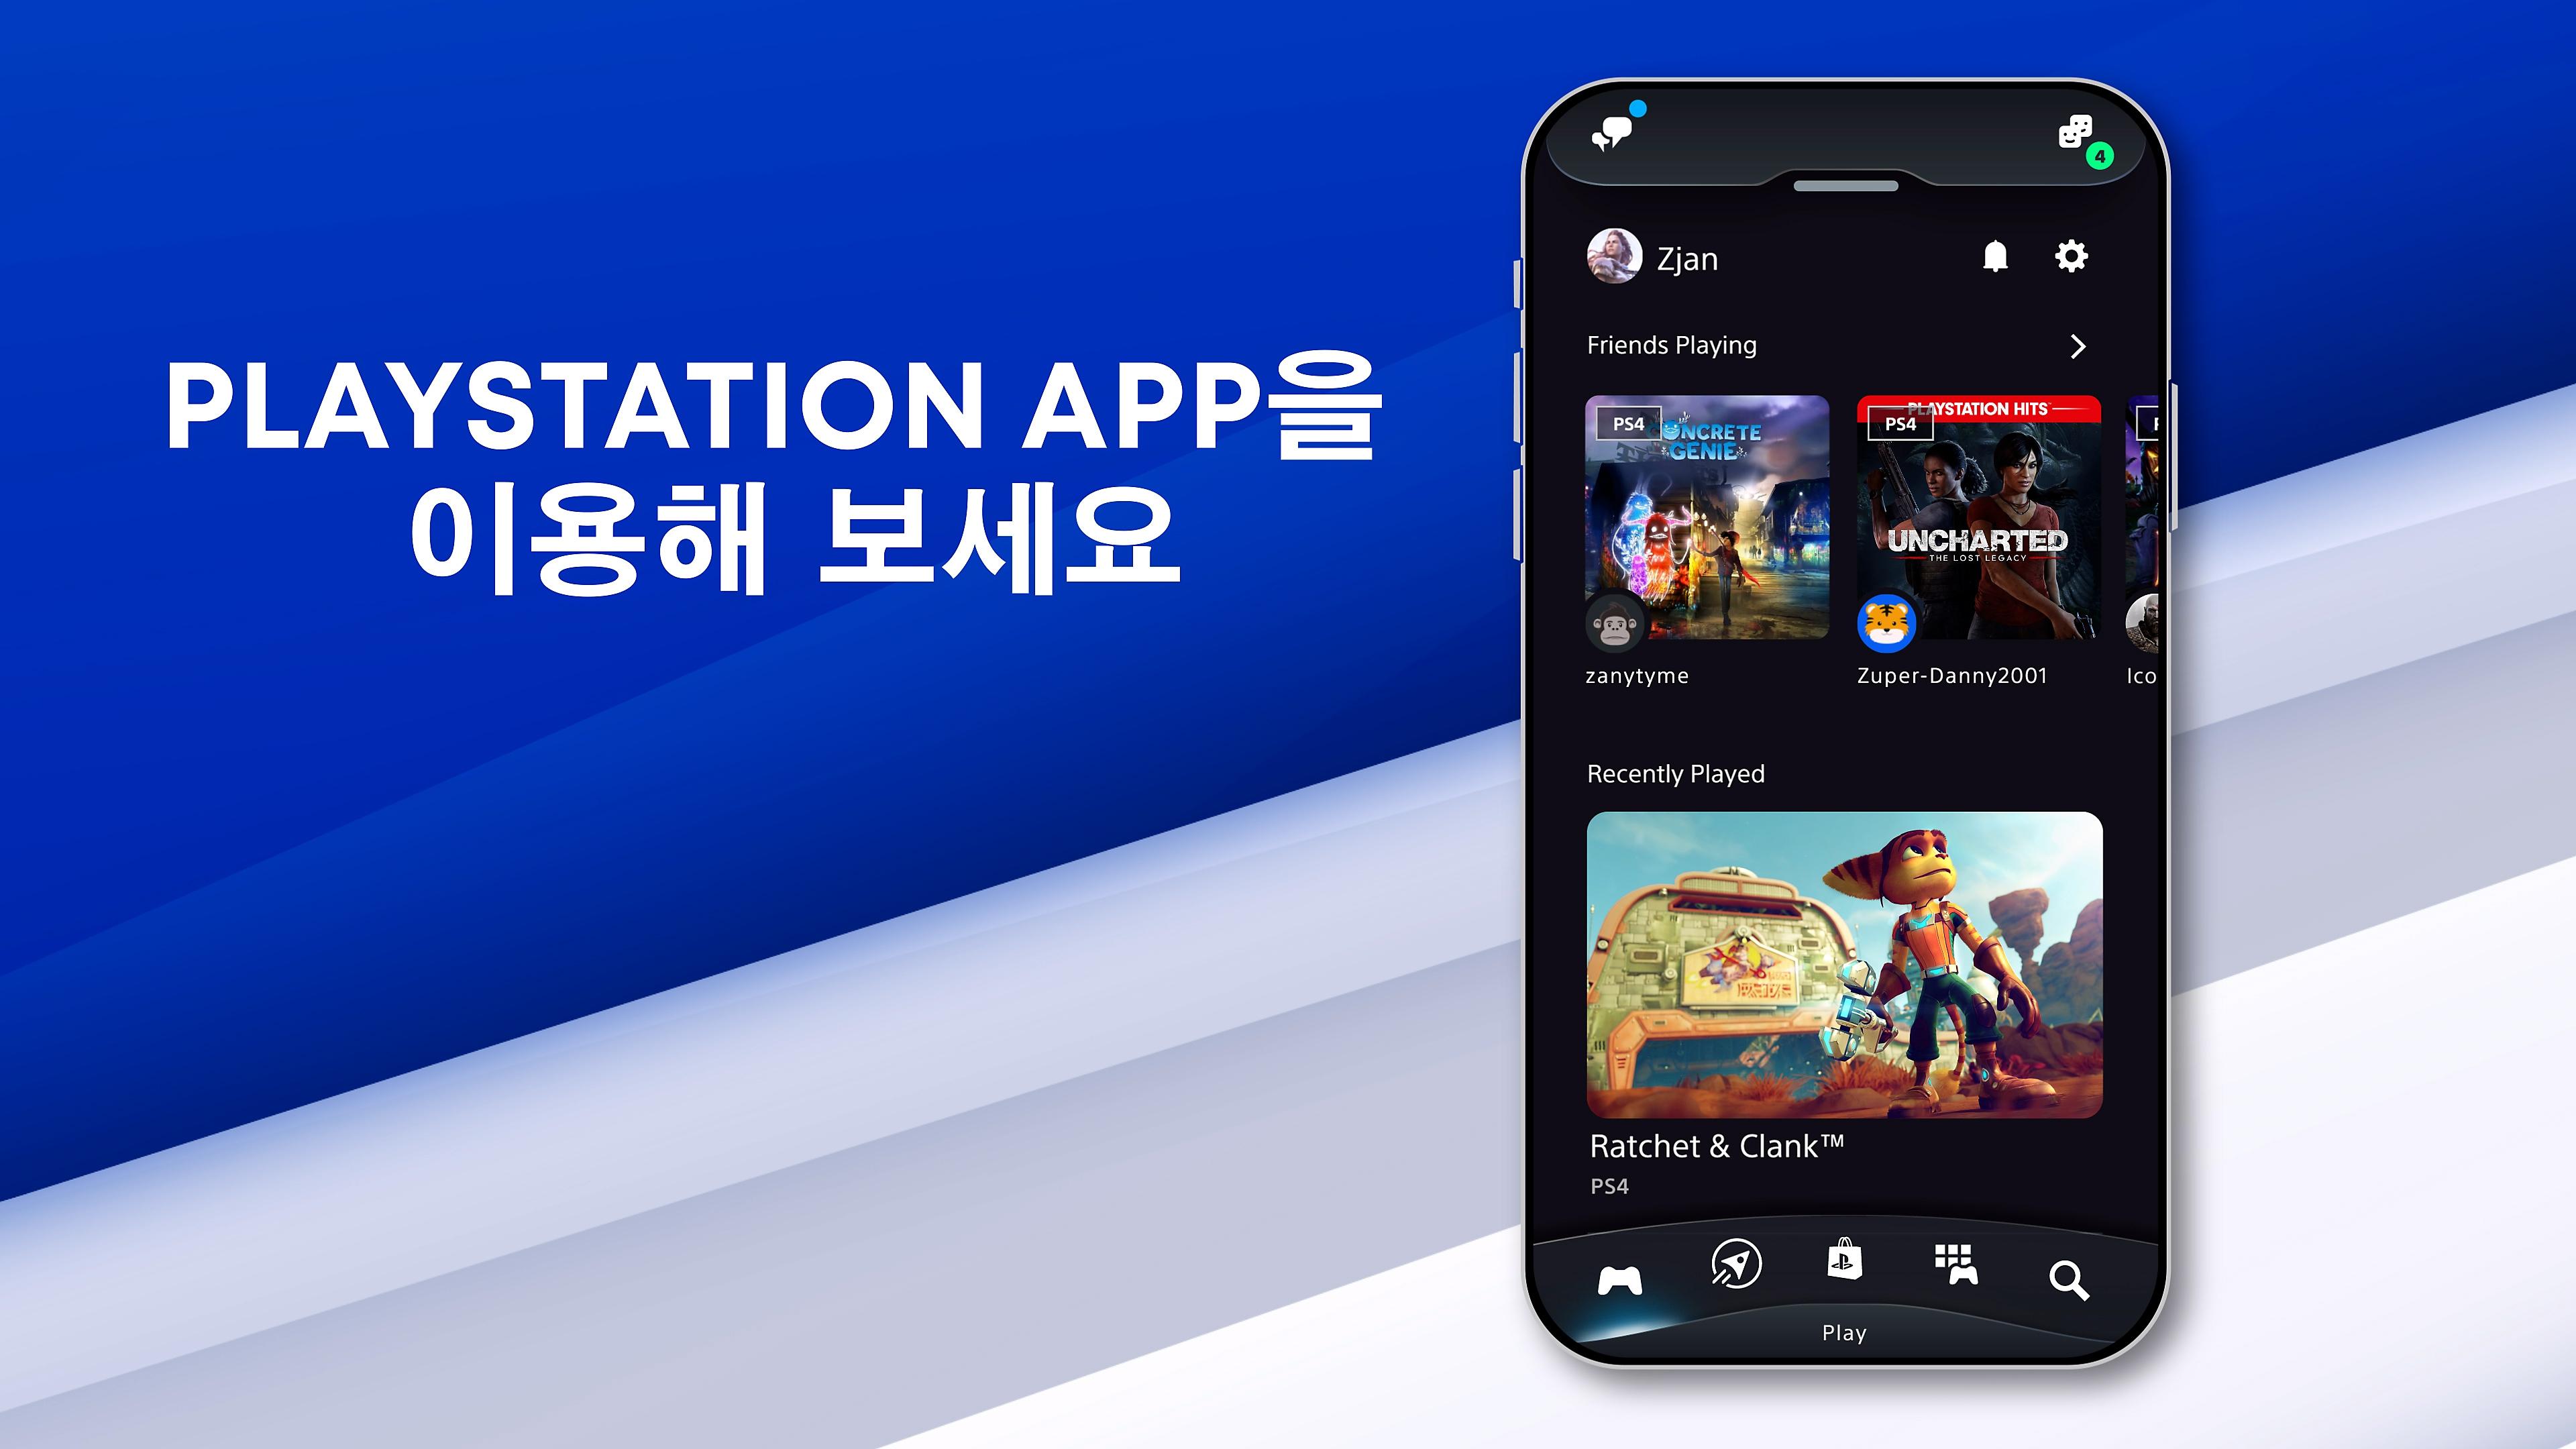 새로운 PlayStation App을 소개합니다